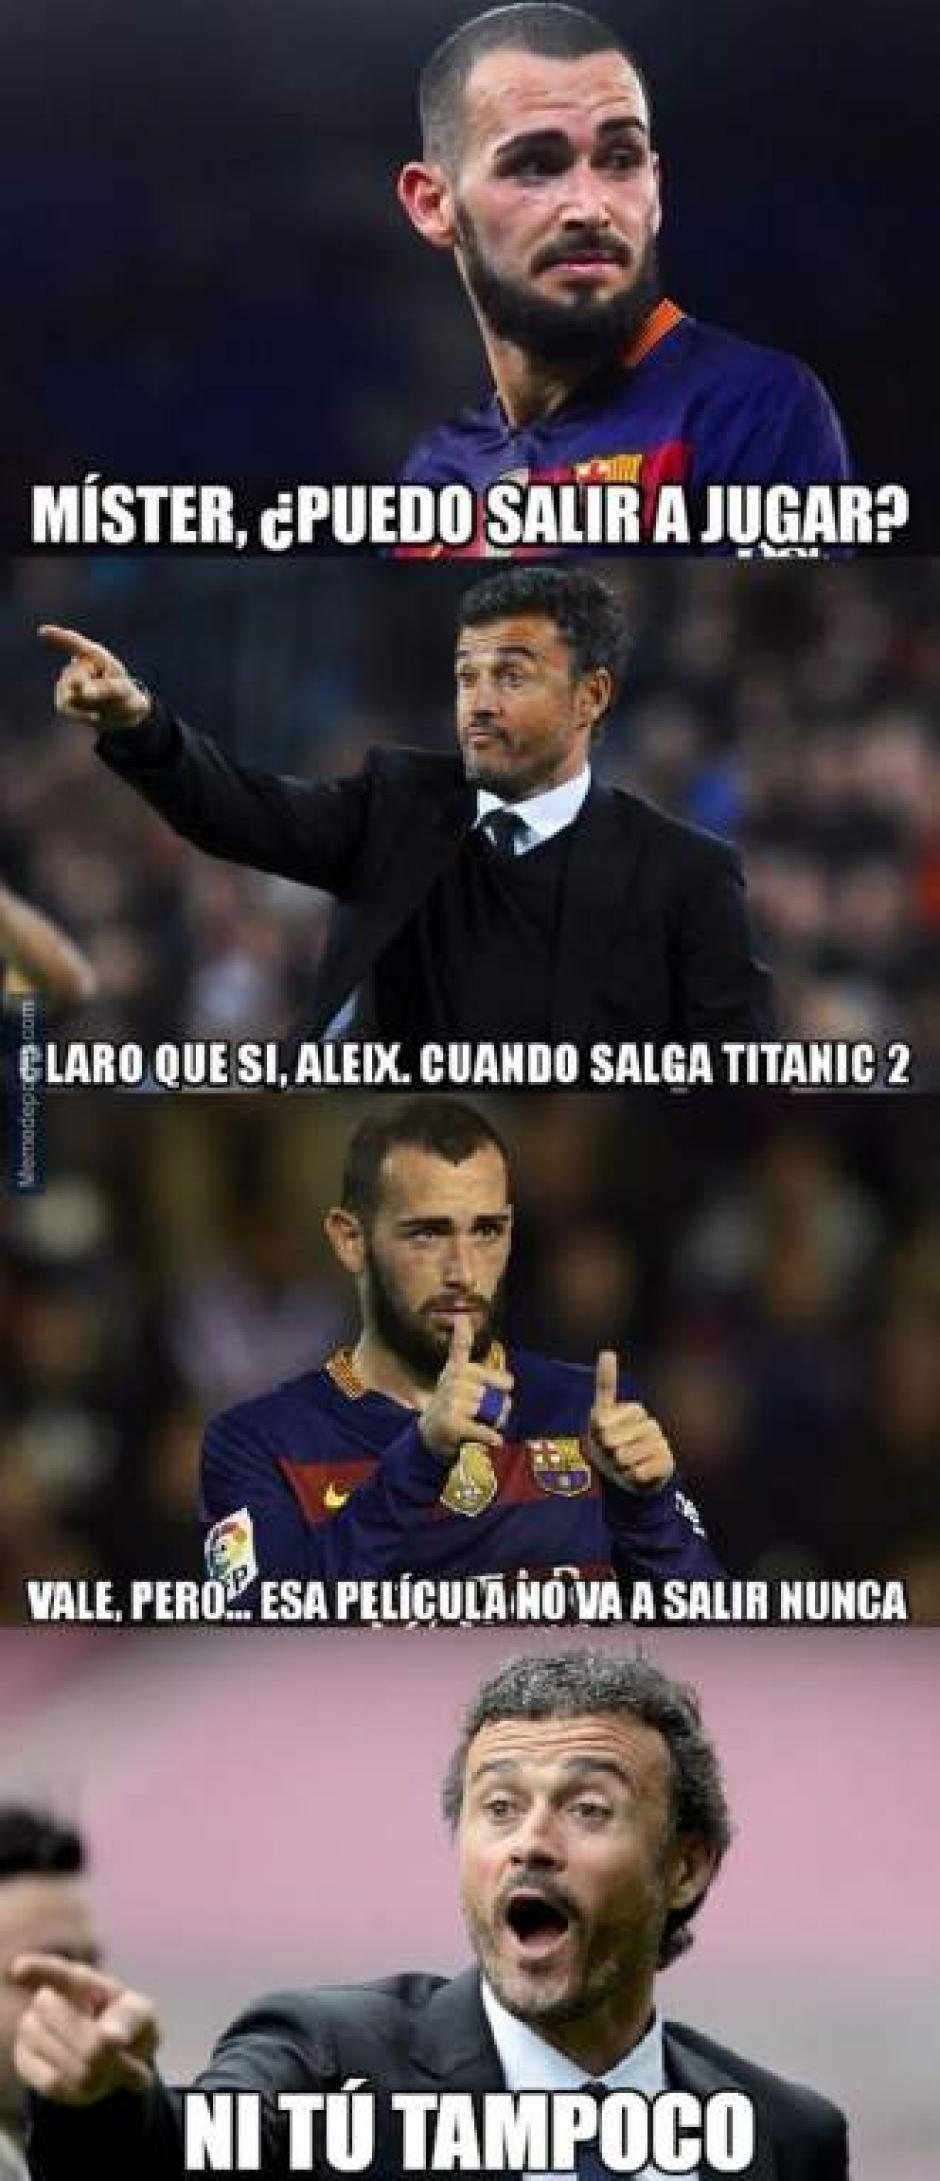 Aleix Vidal no se libró de las críticas y burlas de la afición. (Foto: Twitter)